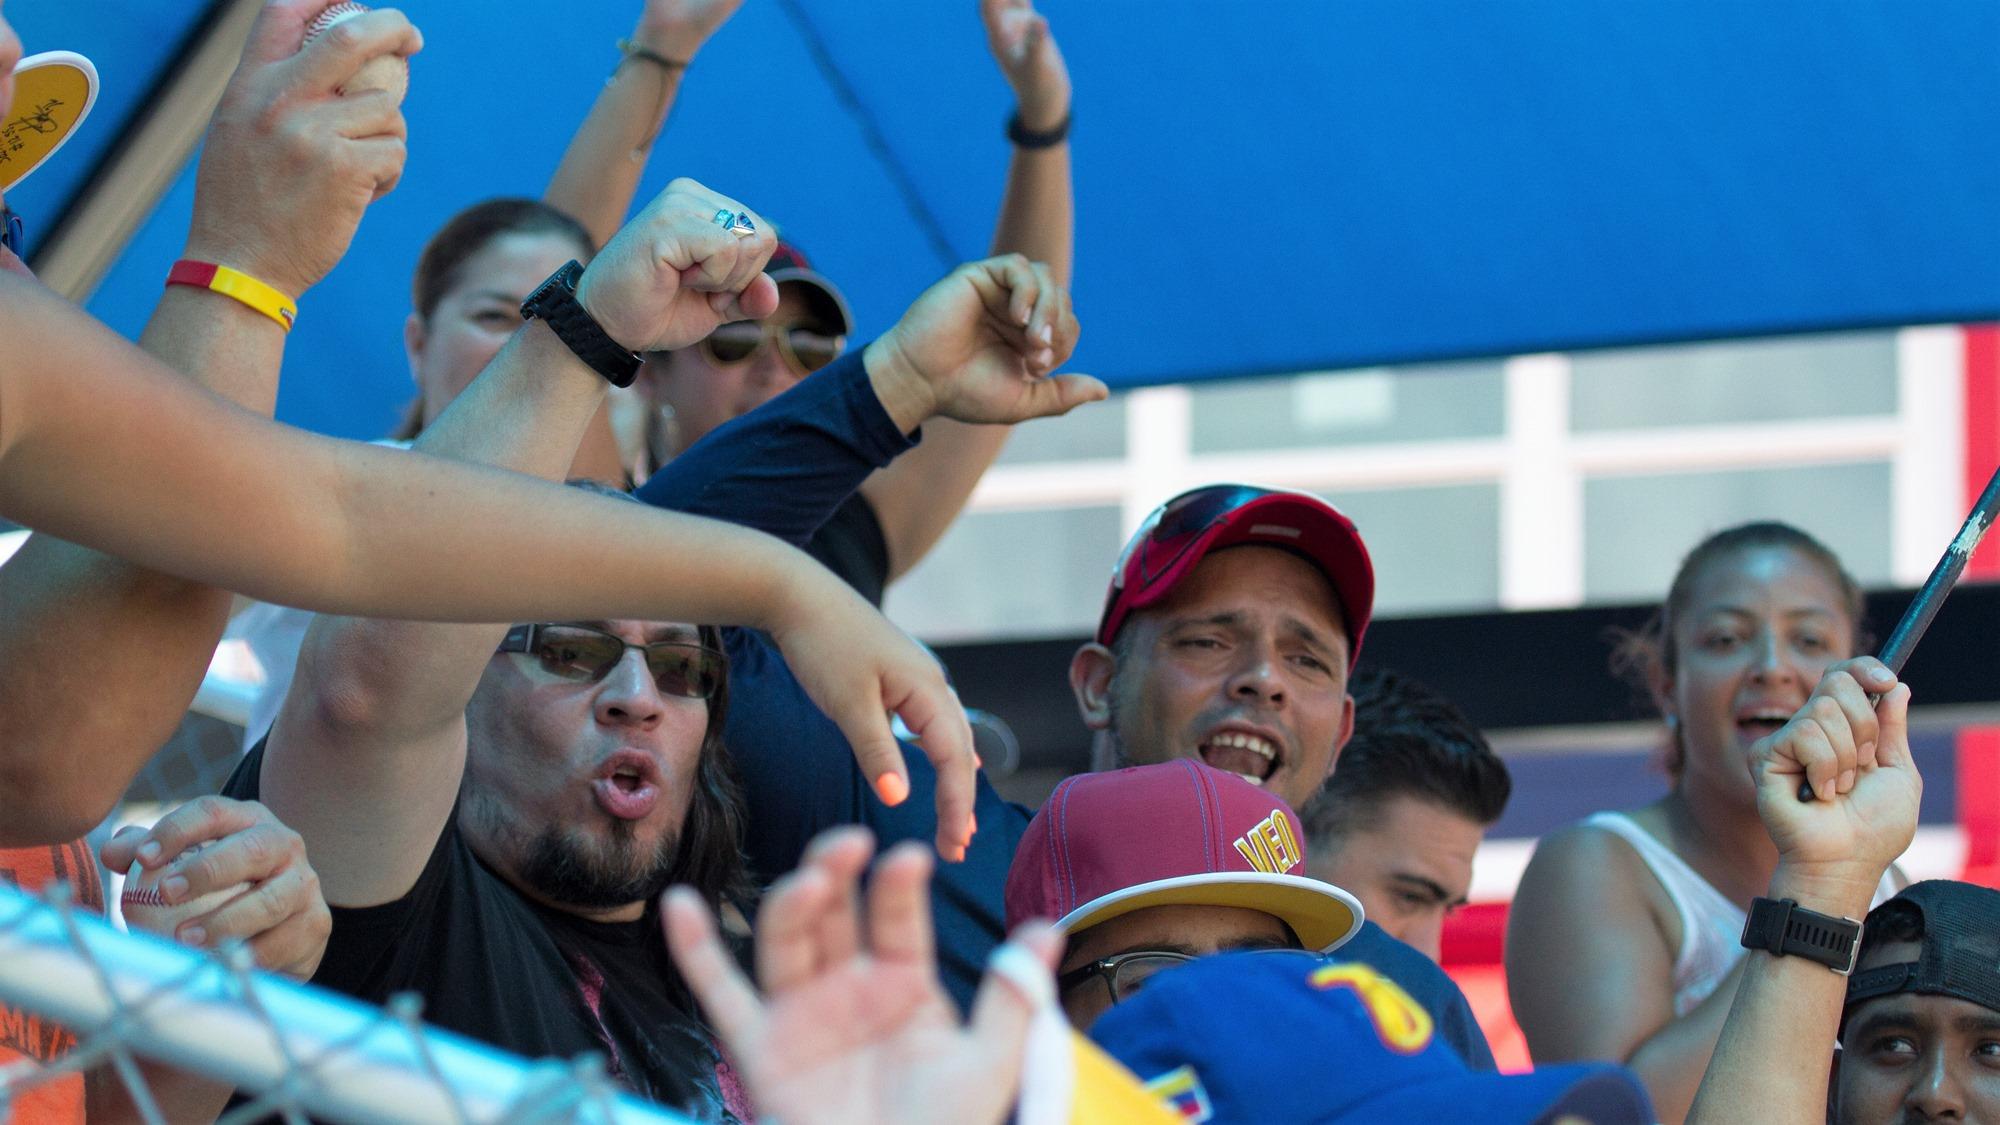 Raucous Venezuela's fans